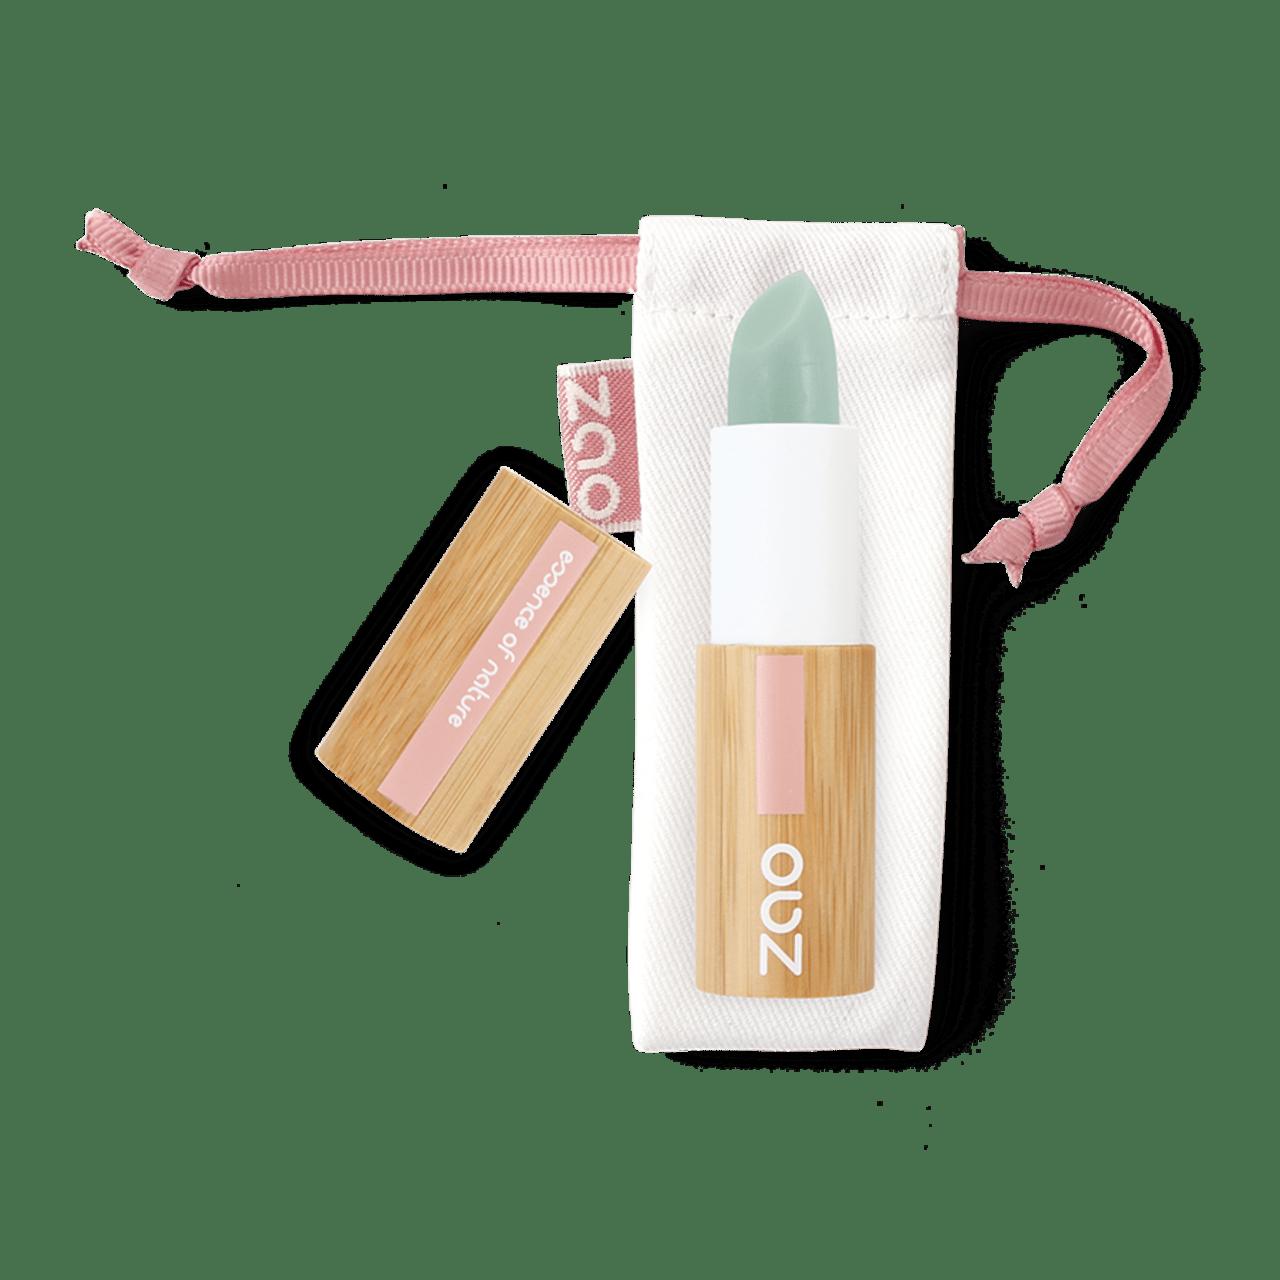 ZAO Organic - Стик балсам и основа за устни (481)-Copy